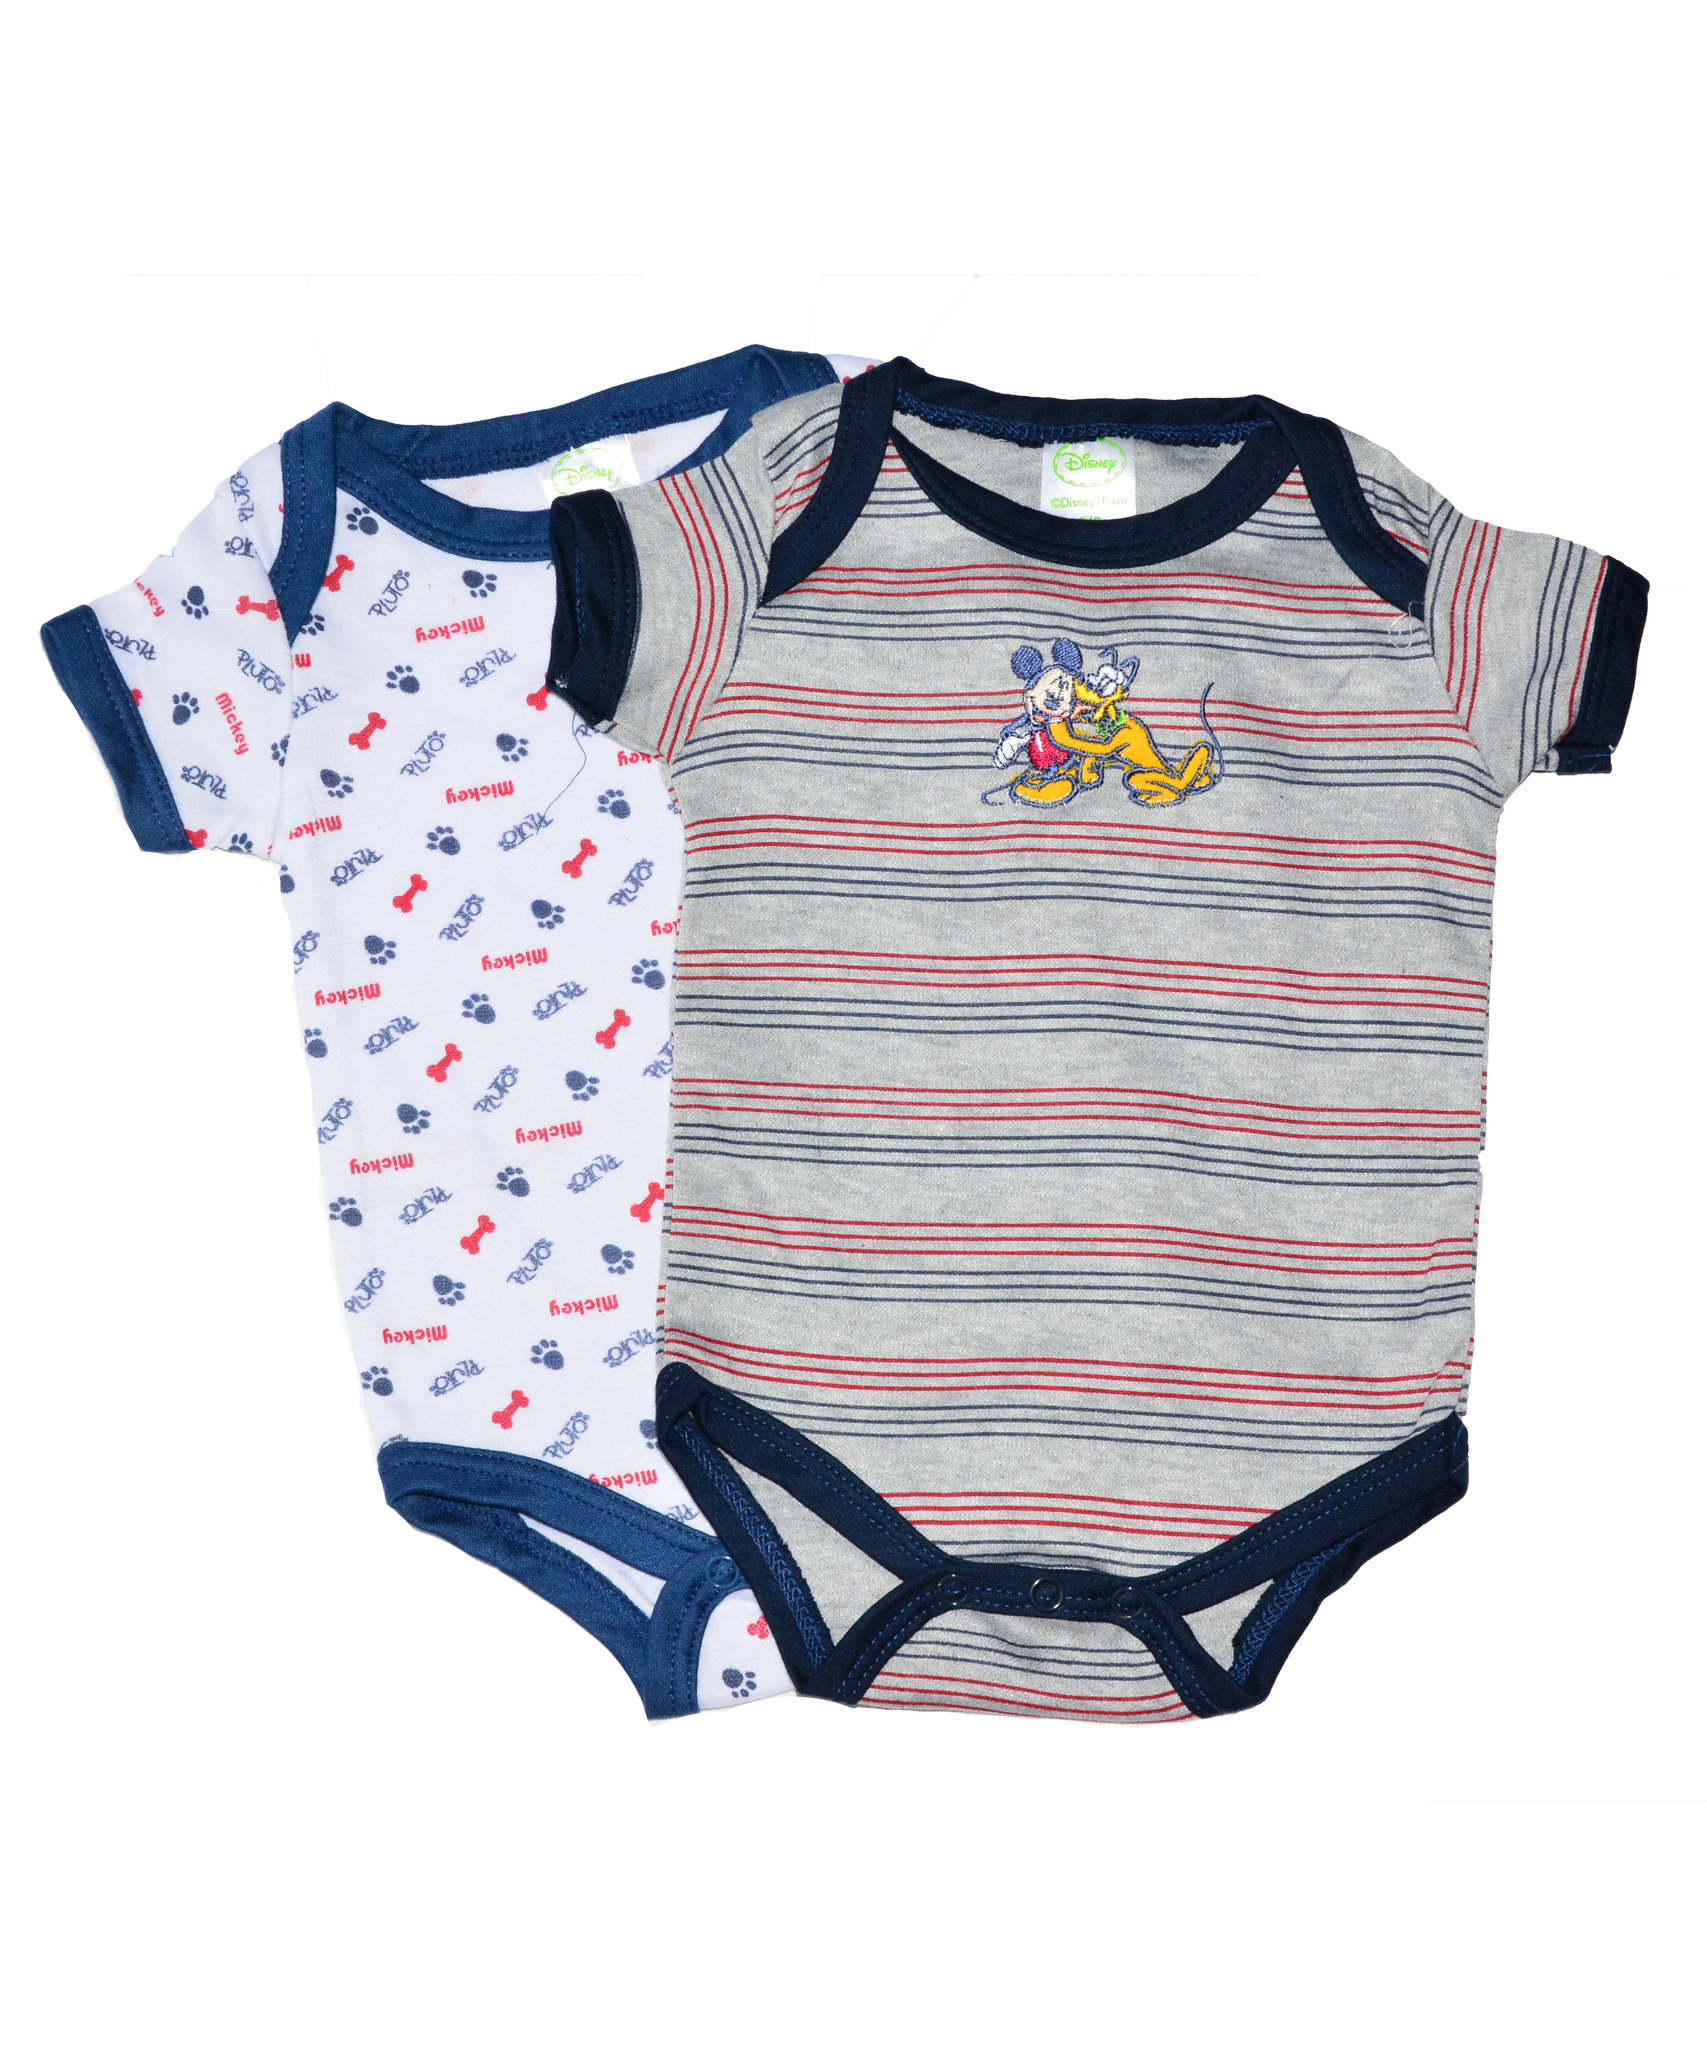 Сегодня боди для новорожденных является самым востребованным элементом одежды в гардеробе крох.